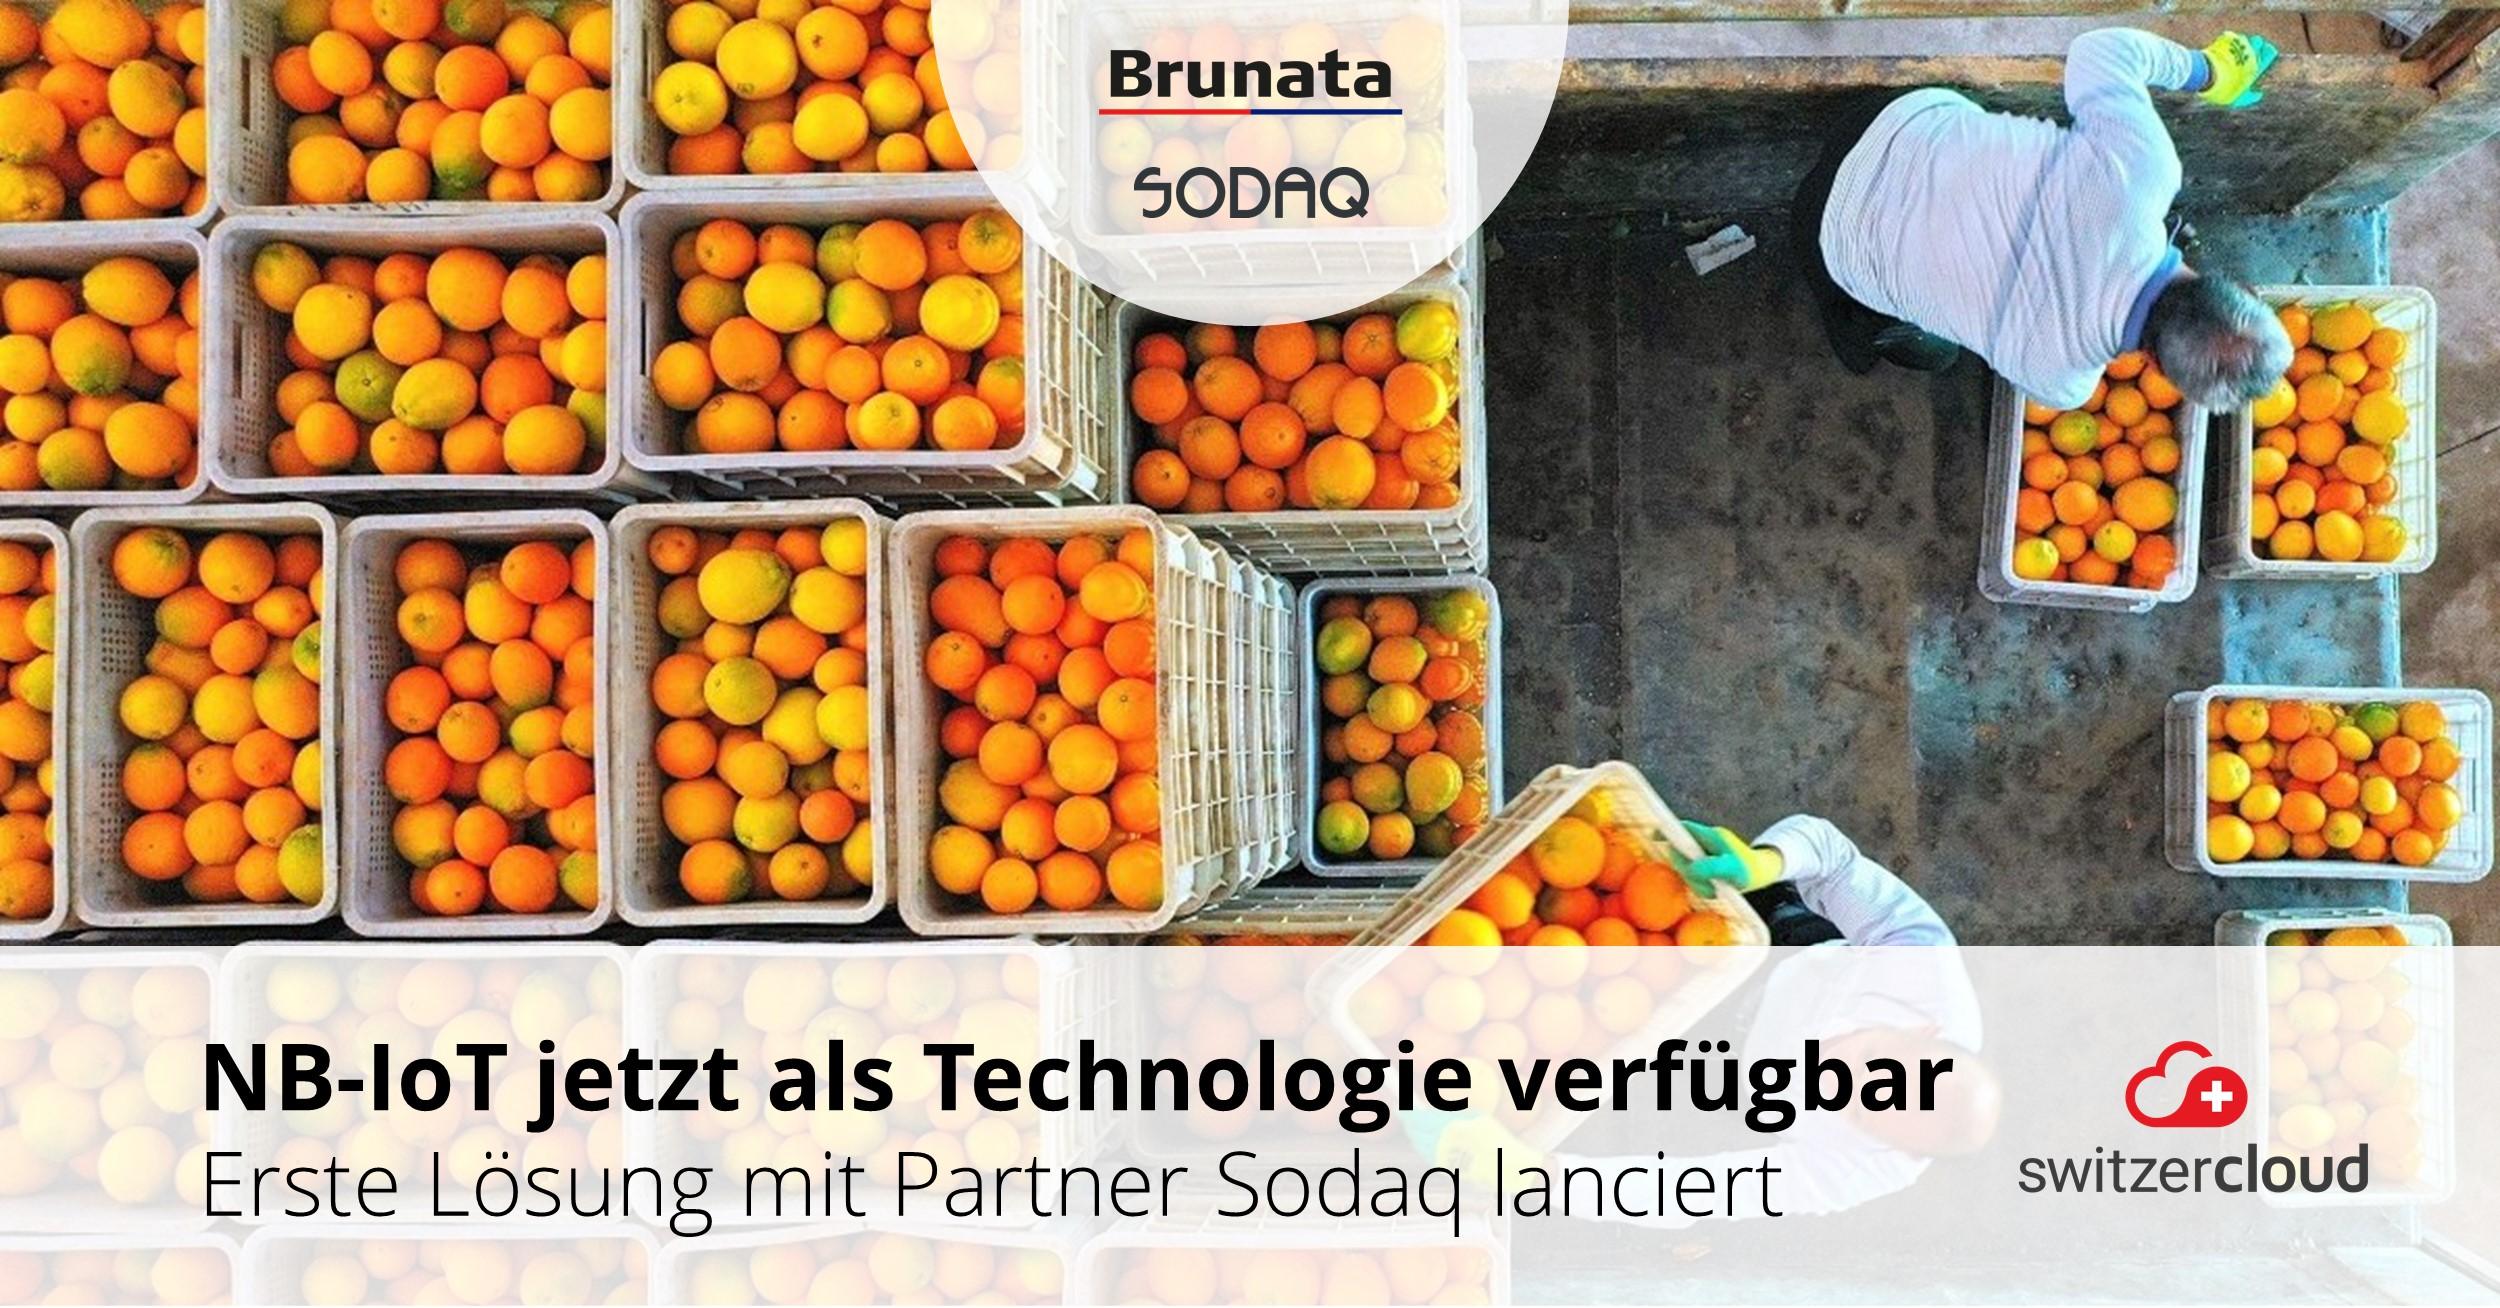 SODAQ und Brunata bieten europaweites Tracking auf der Switzercloud